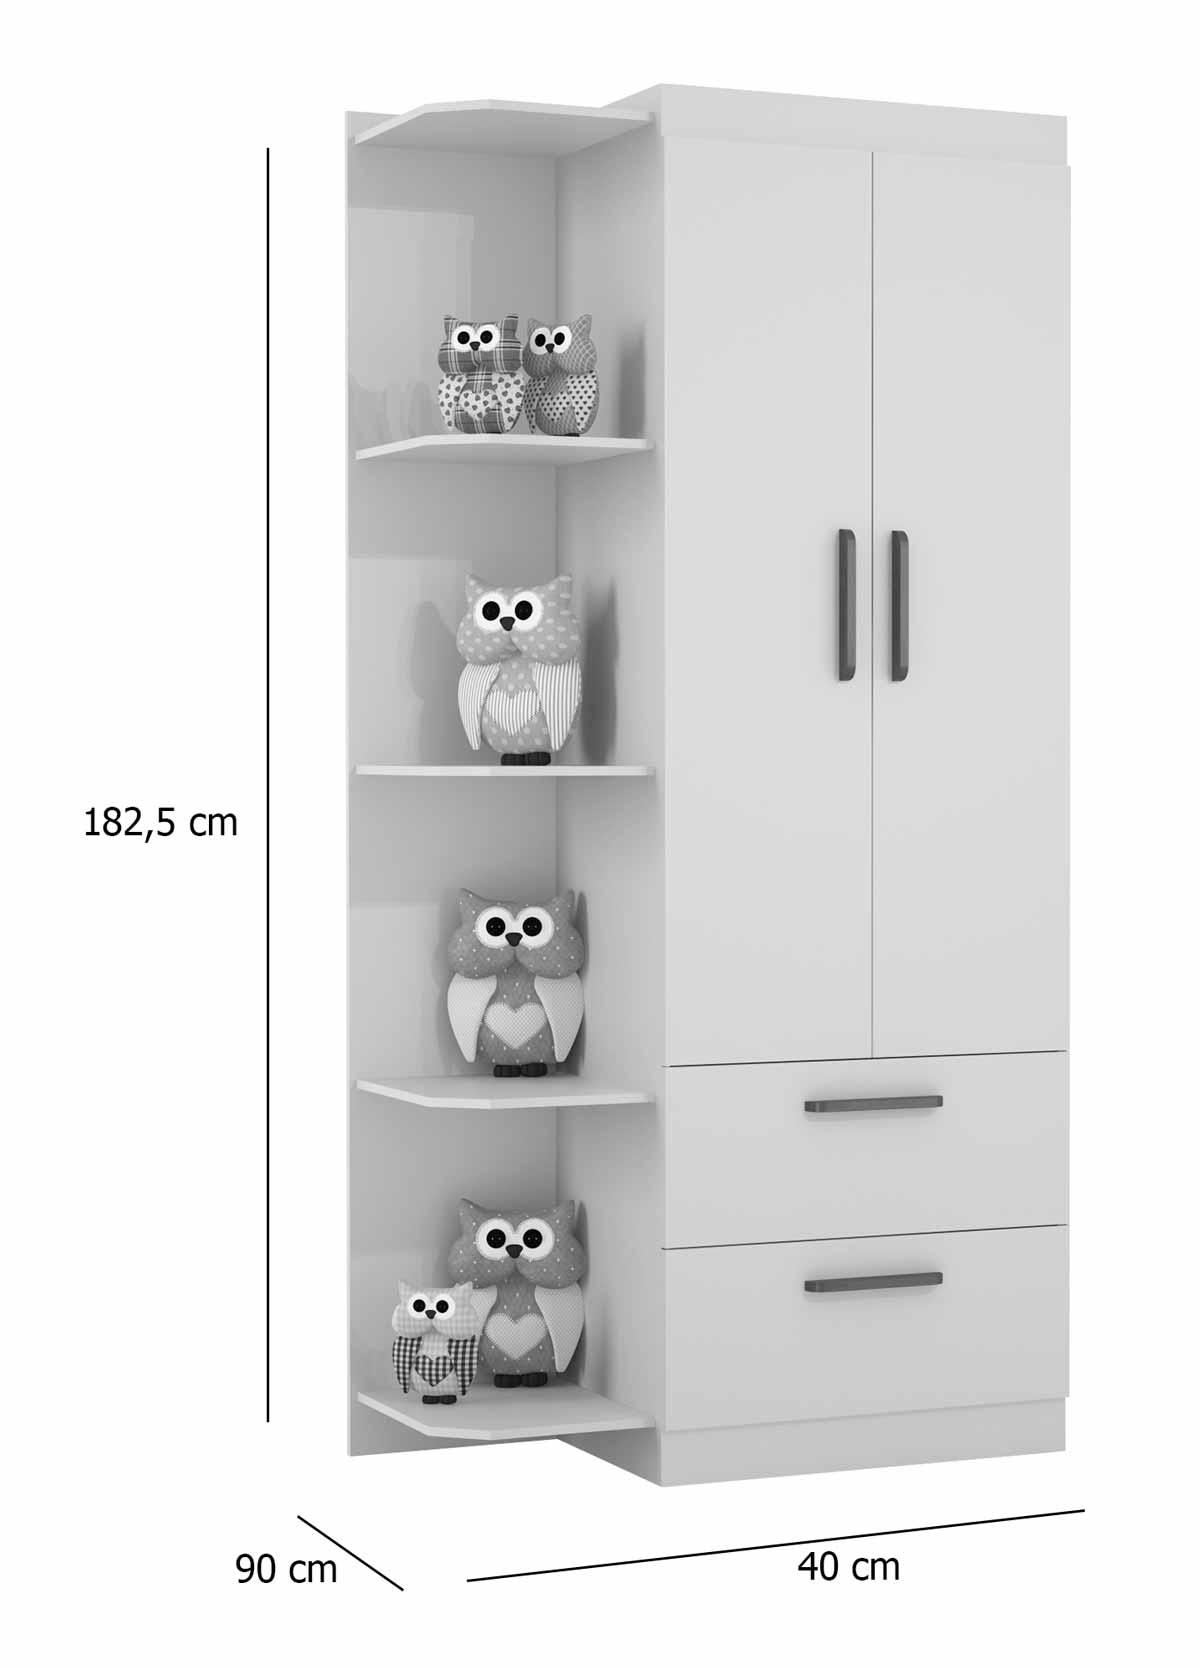 Guarda-Roupa Infantil Floc 2 Portas com Prateleira Branco Acetinado - MoveisAqui